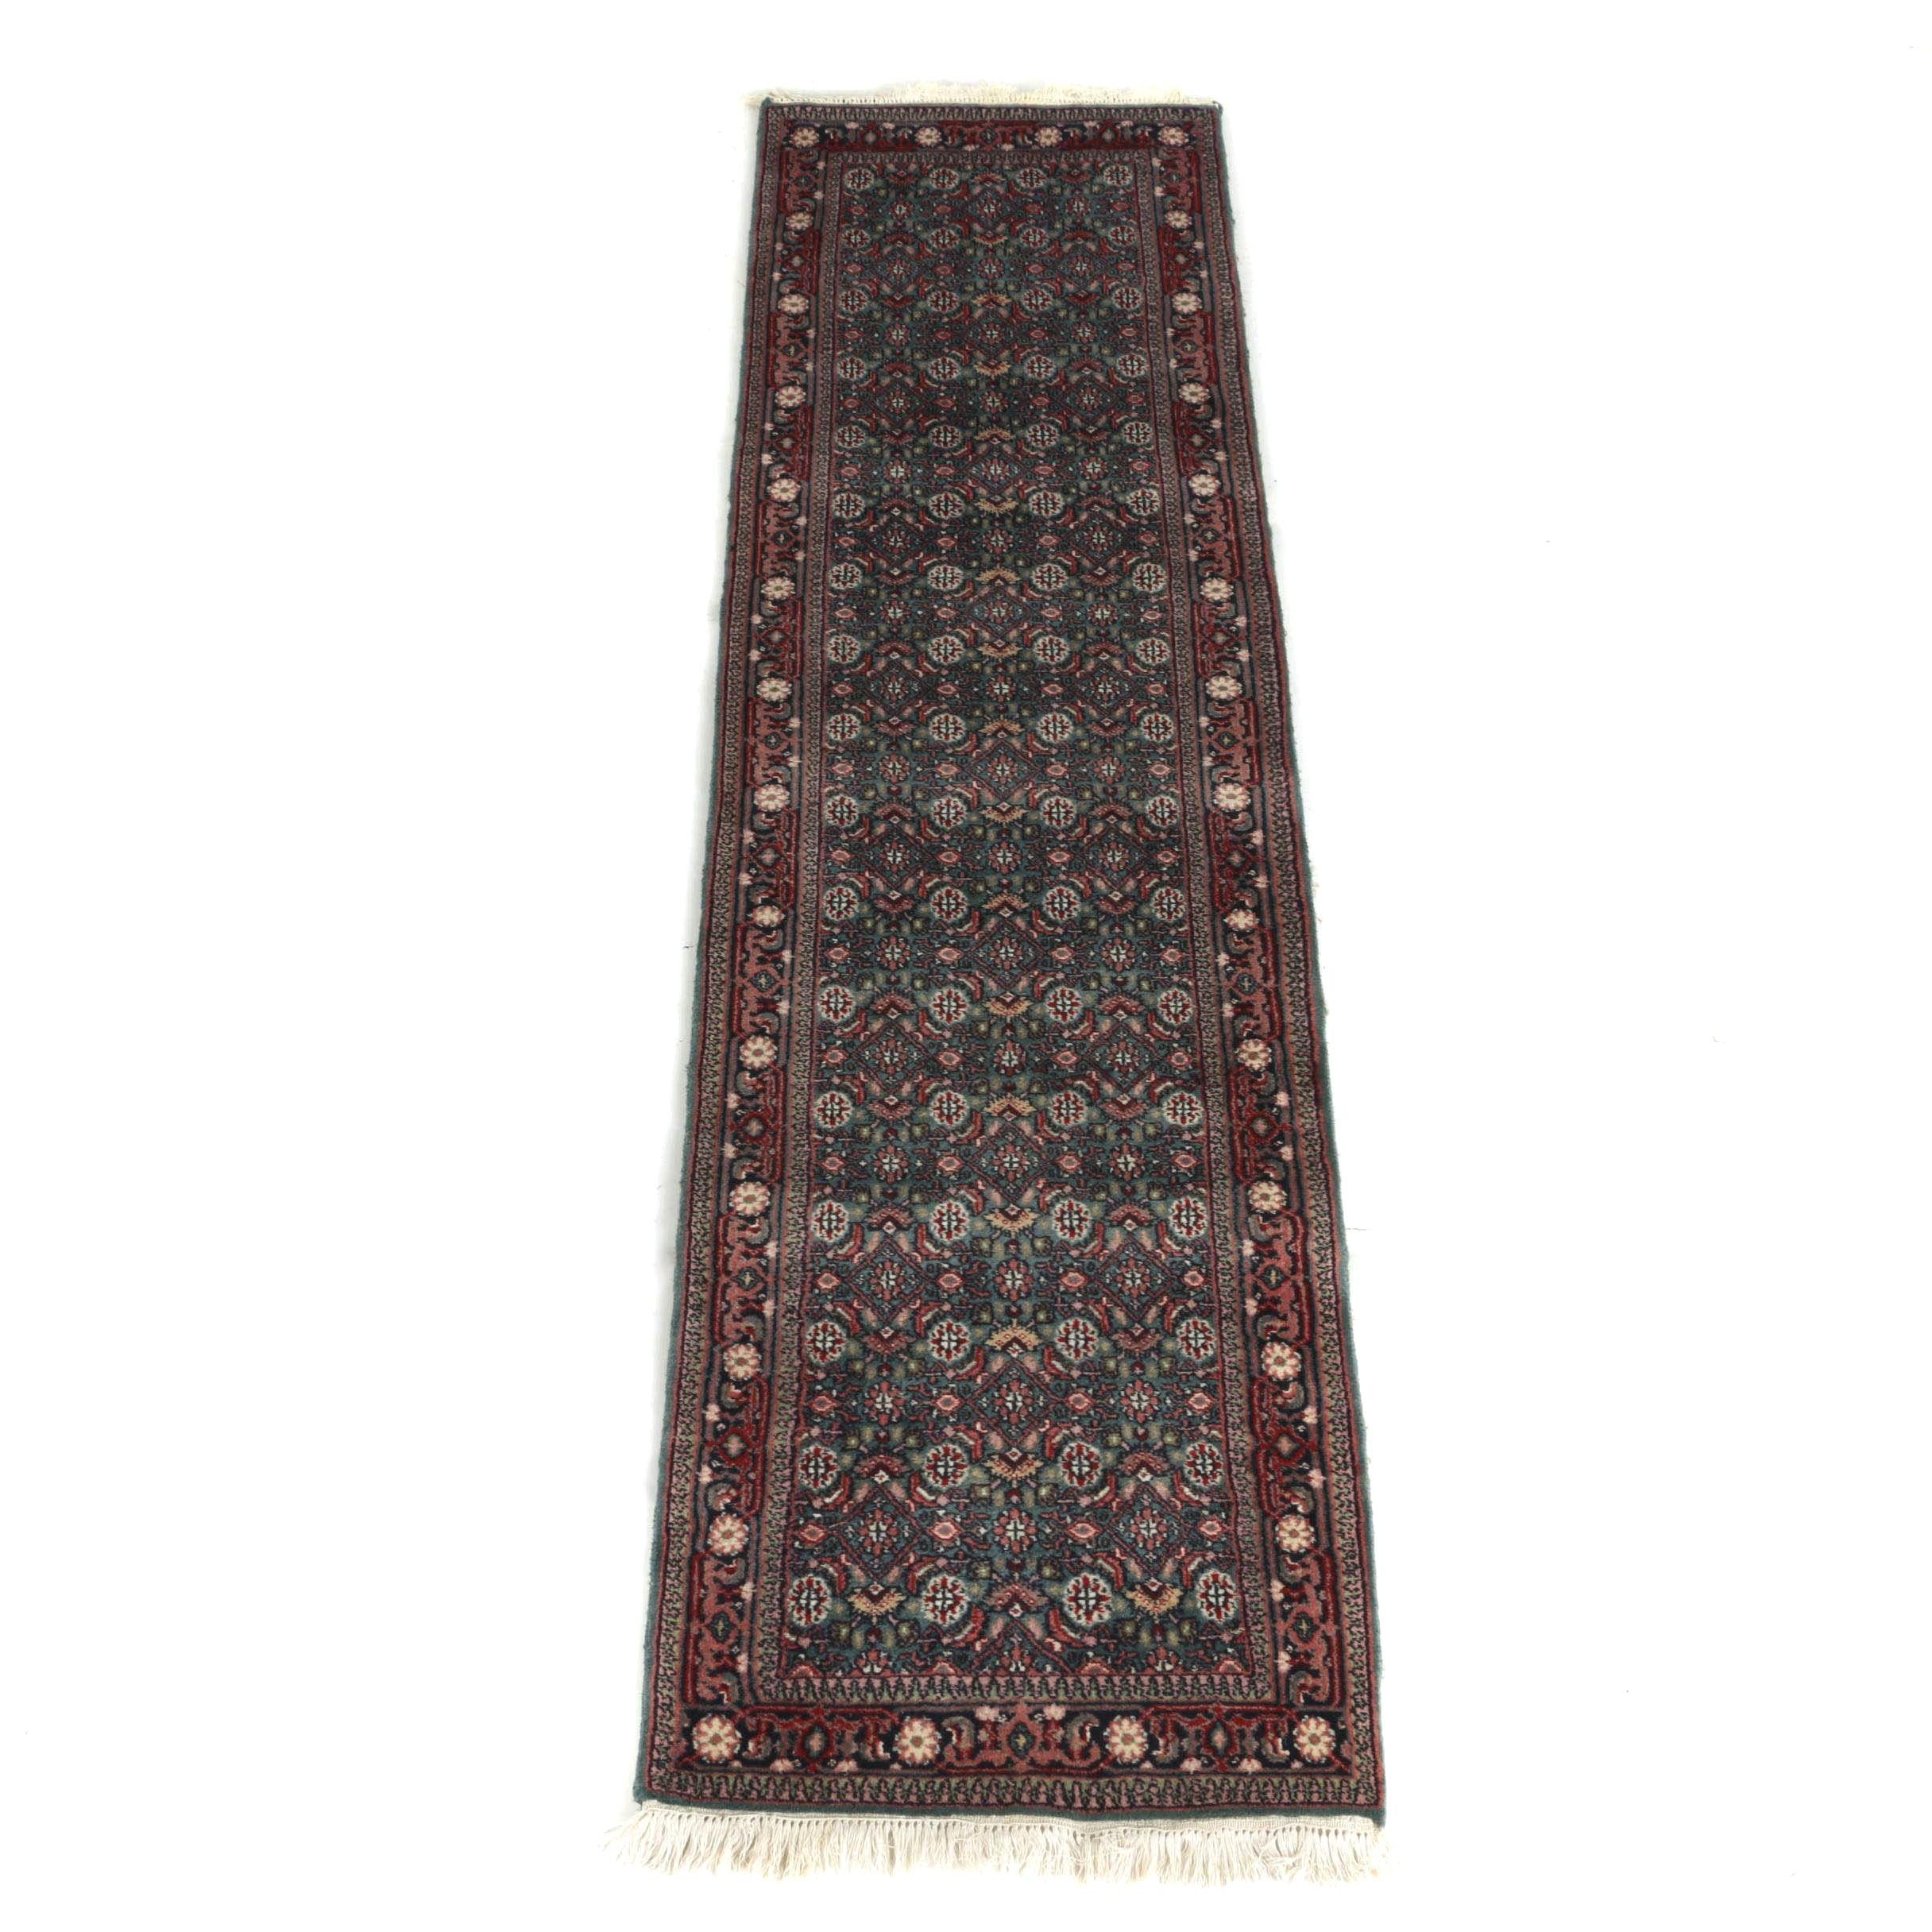 Hand-Knotted Persian Bijar Carpet Runner